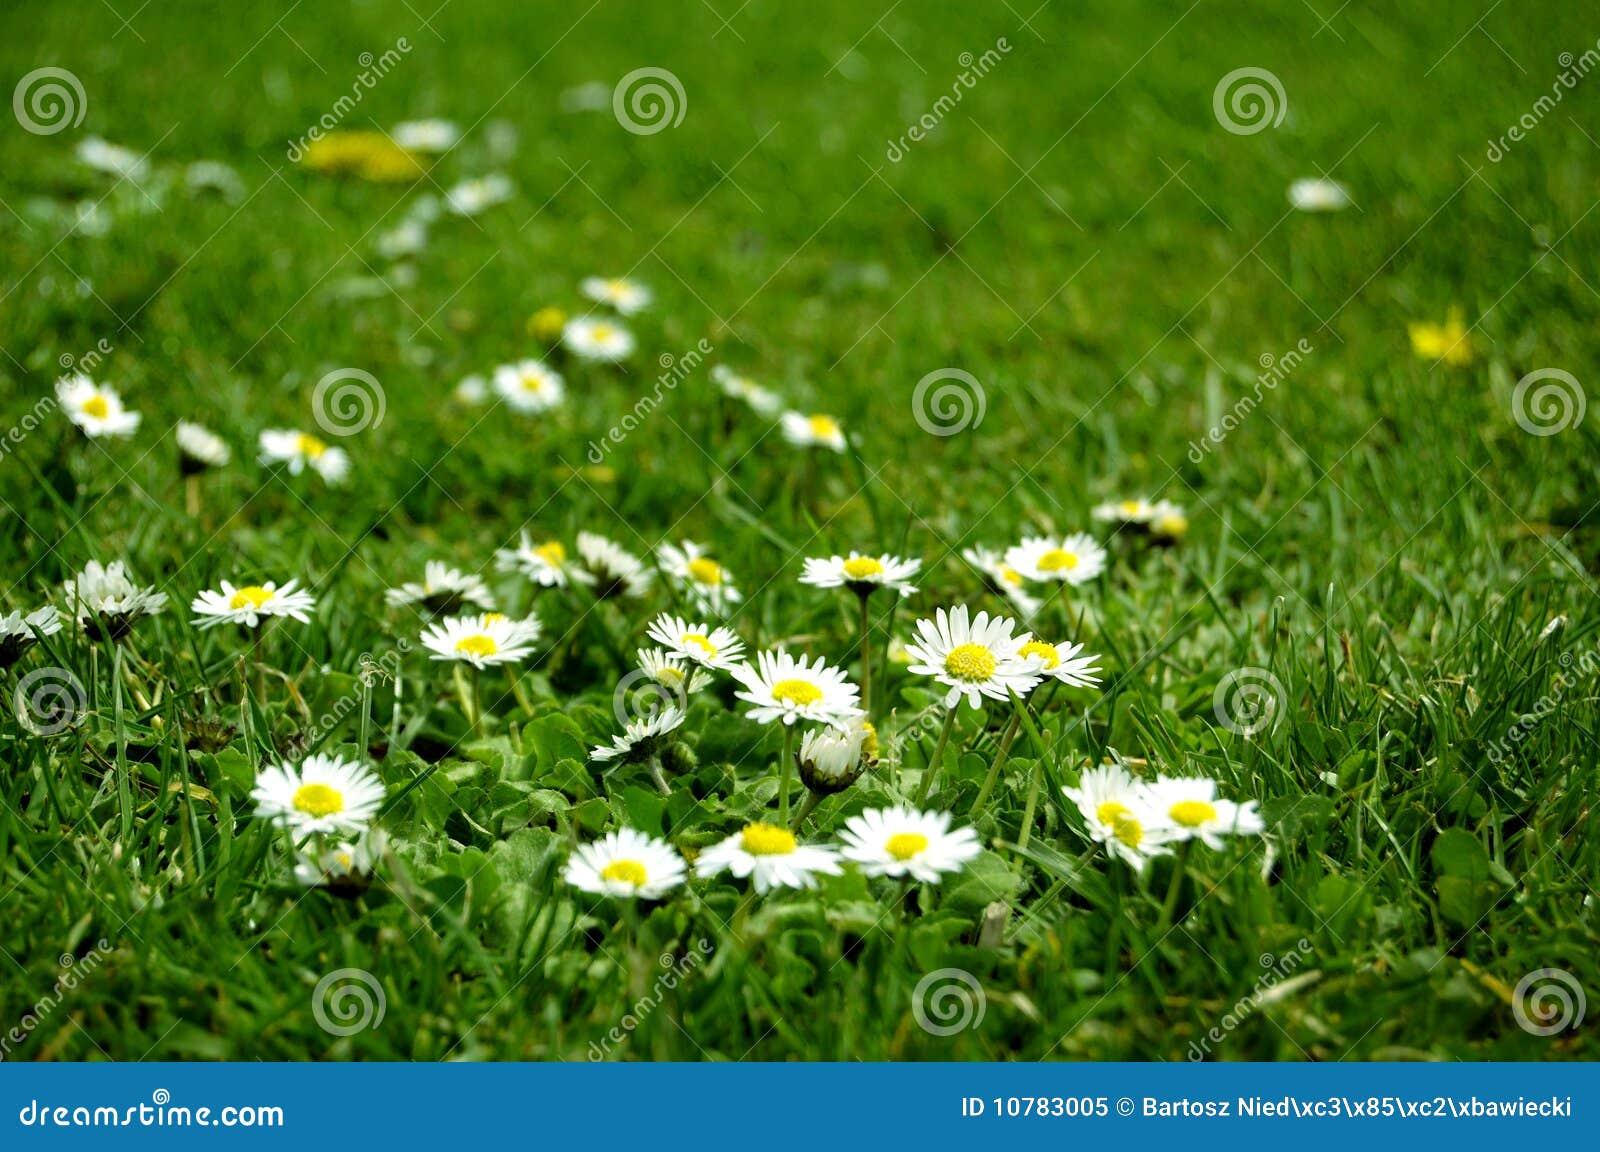 fleurs blanches dans l 39 herbe verte image stock image du nature vert 10783005. Black Bedroom Furniture Sets. Home Design Ideas